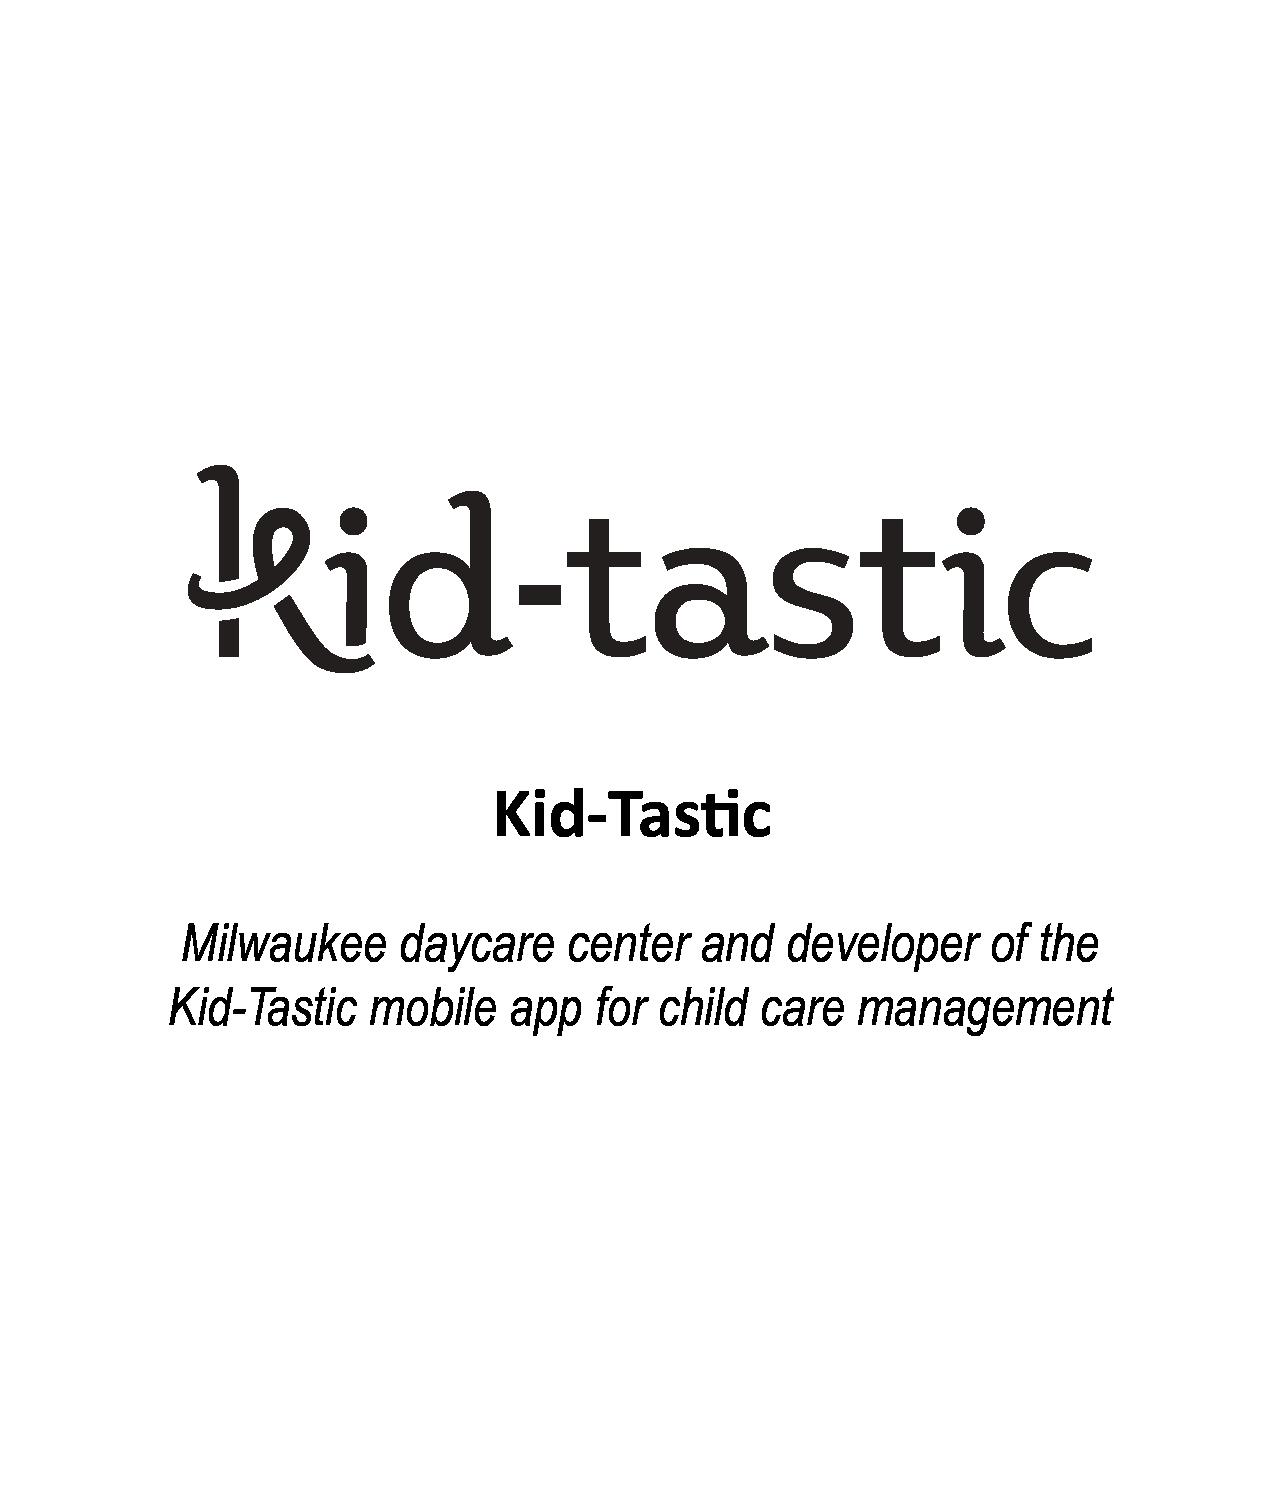 Kid-Tastic